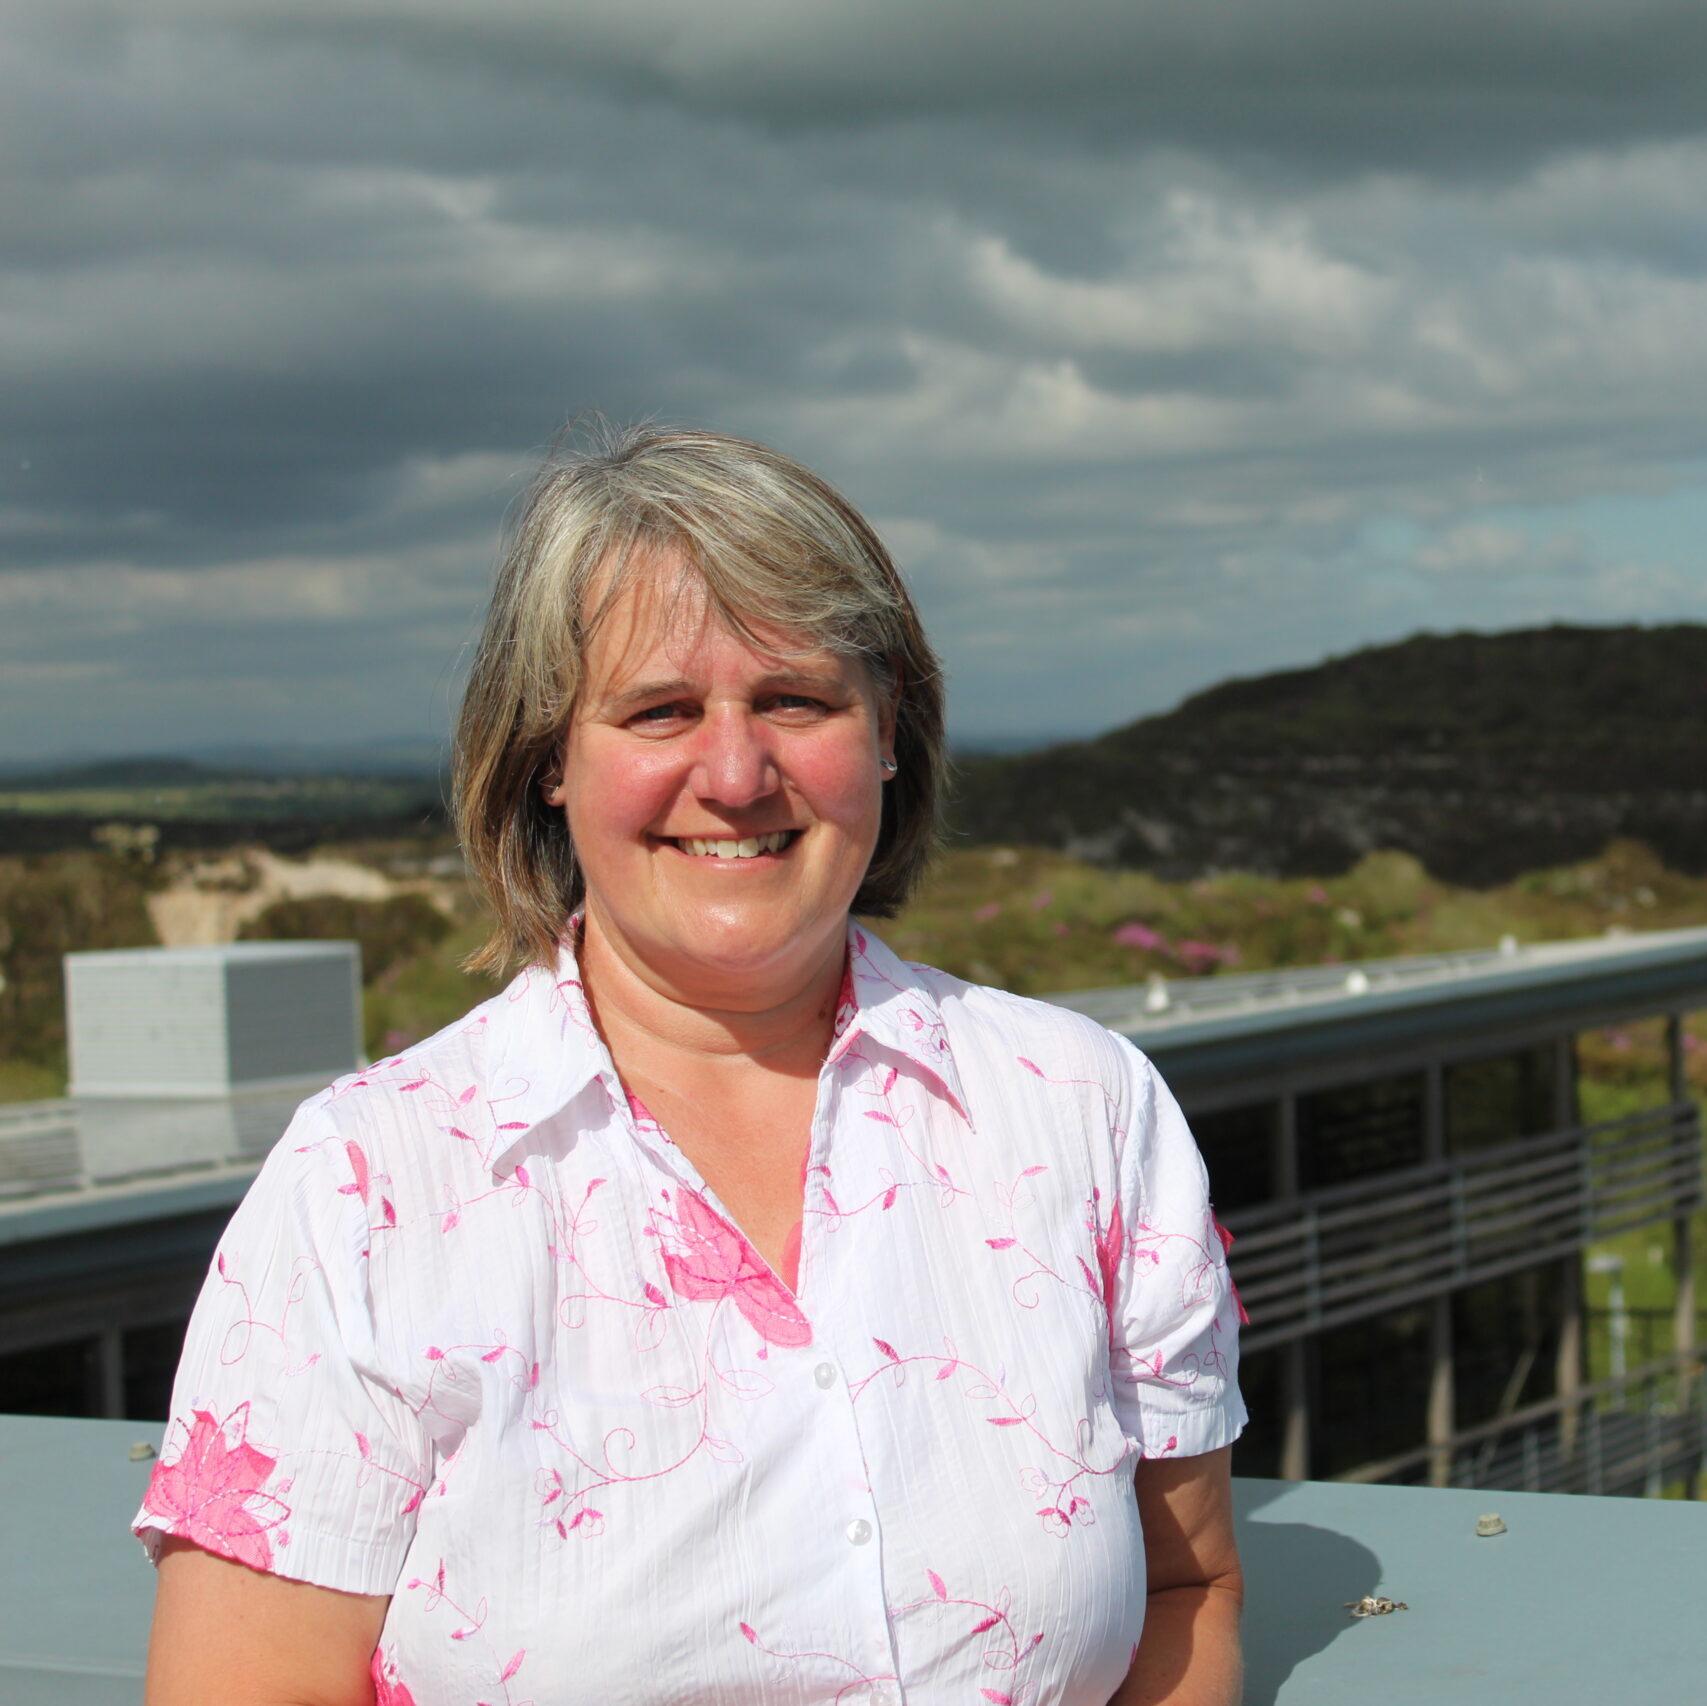 Sue Willmott - Owner, Sue Willmott HR & Careers Consultancy